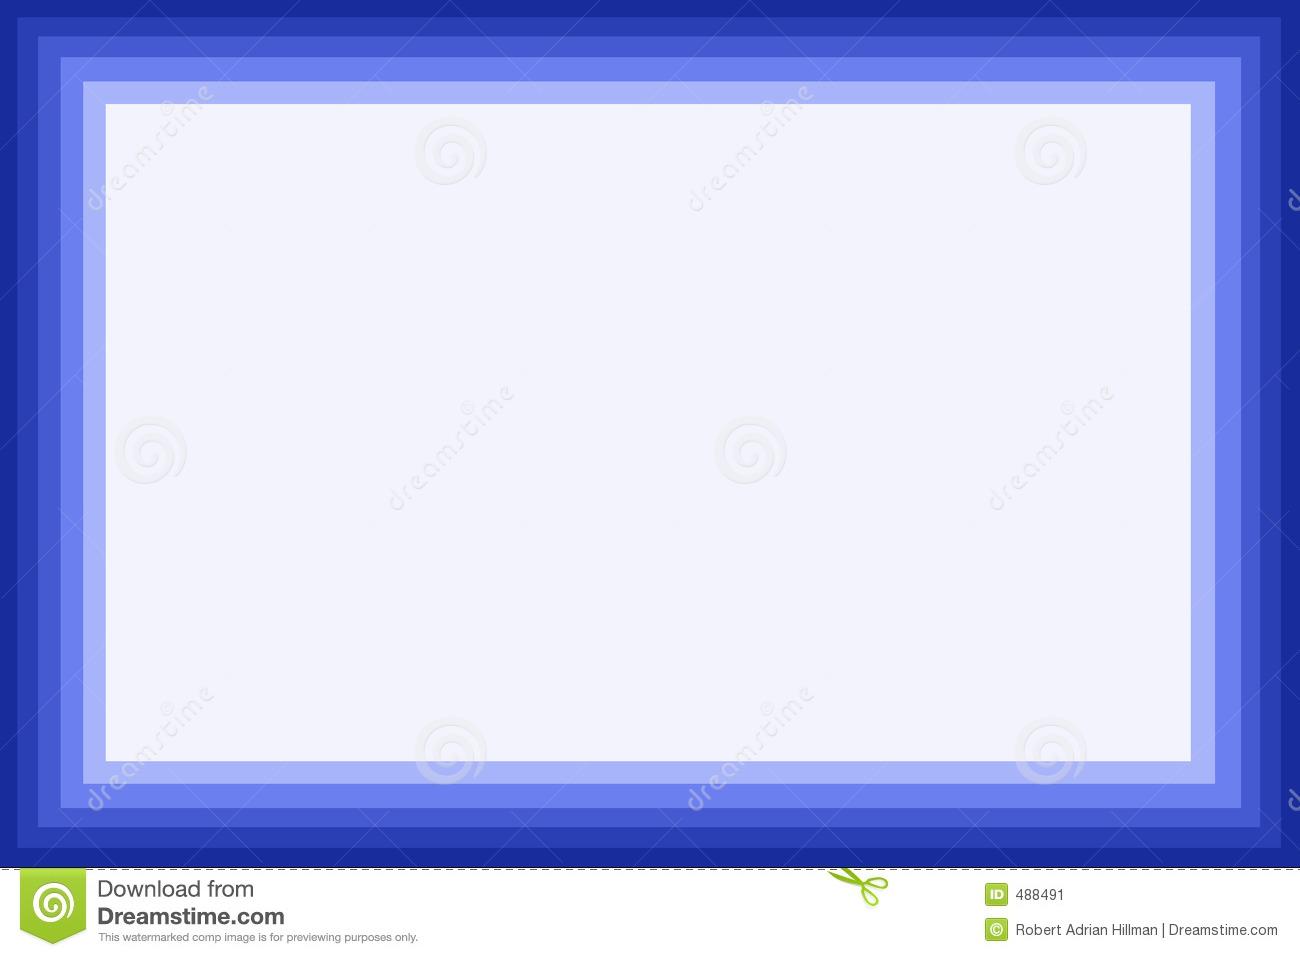 url httpwwwdreamstimecomstock image blue border image488491 1300x957